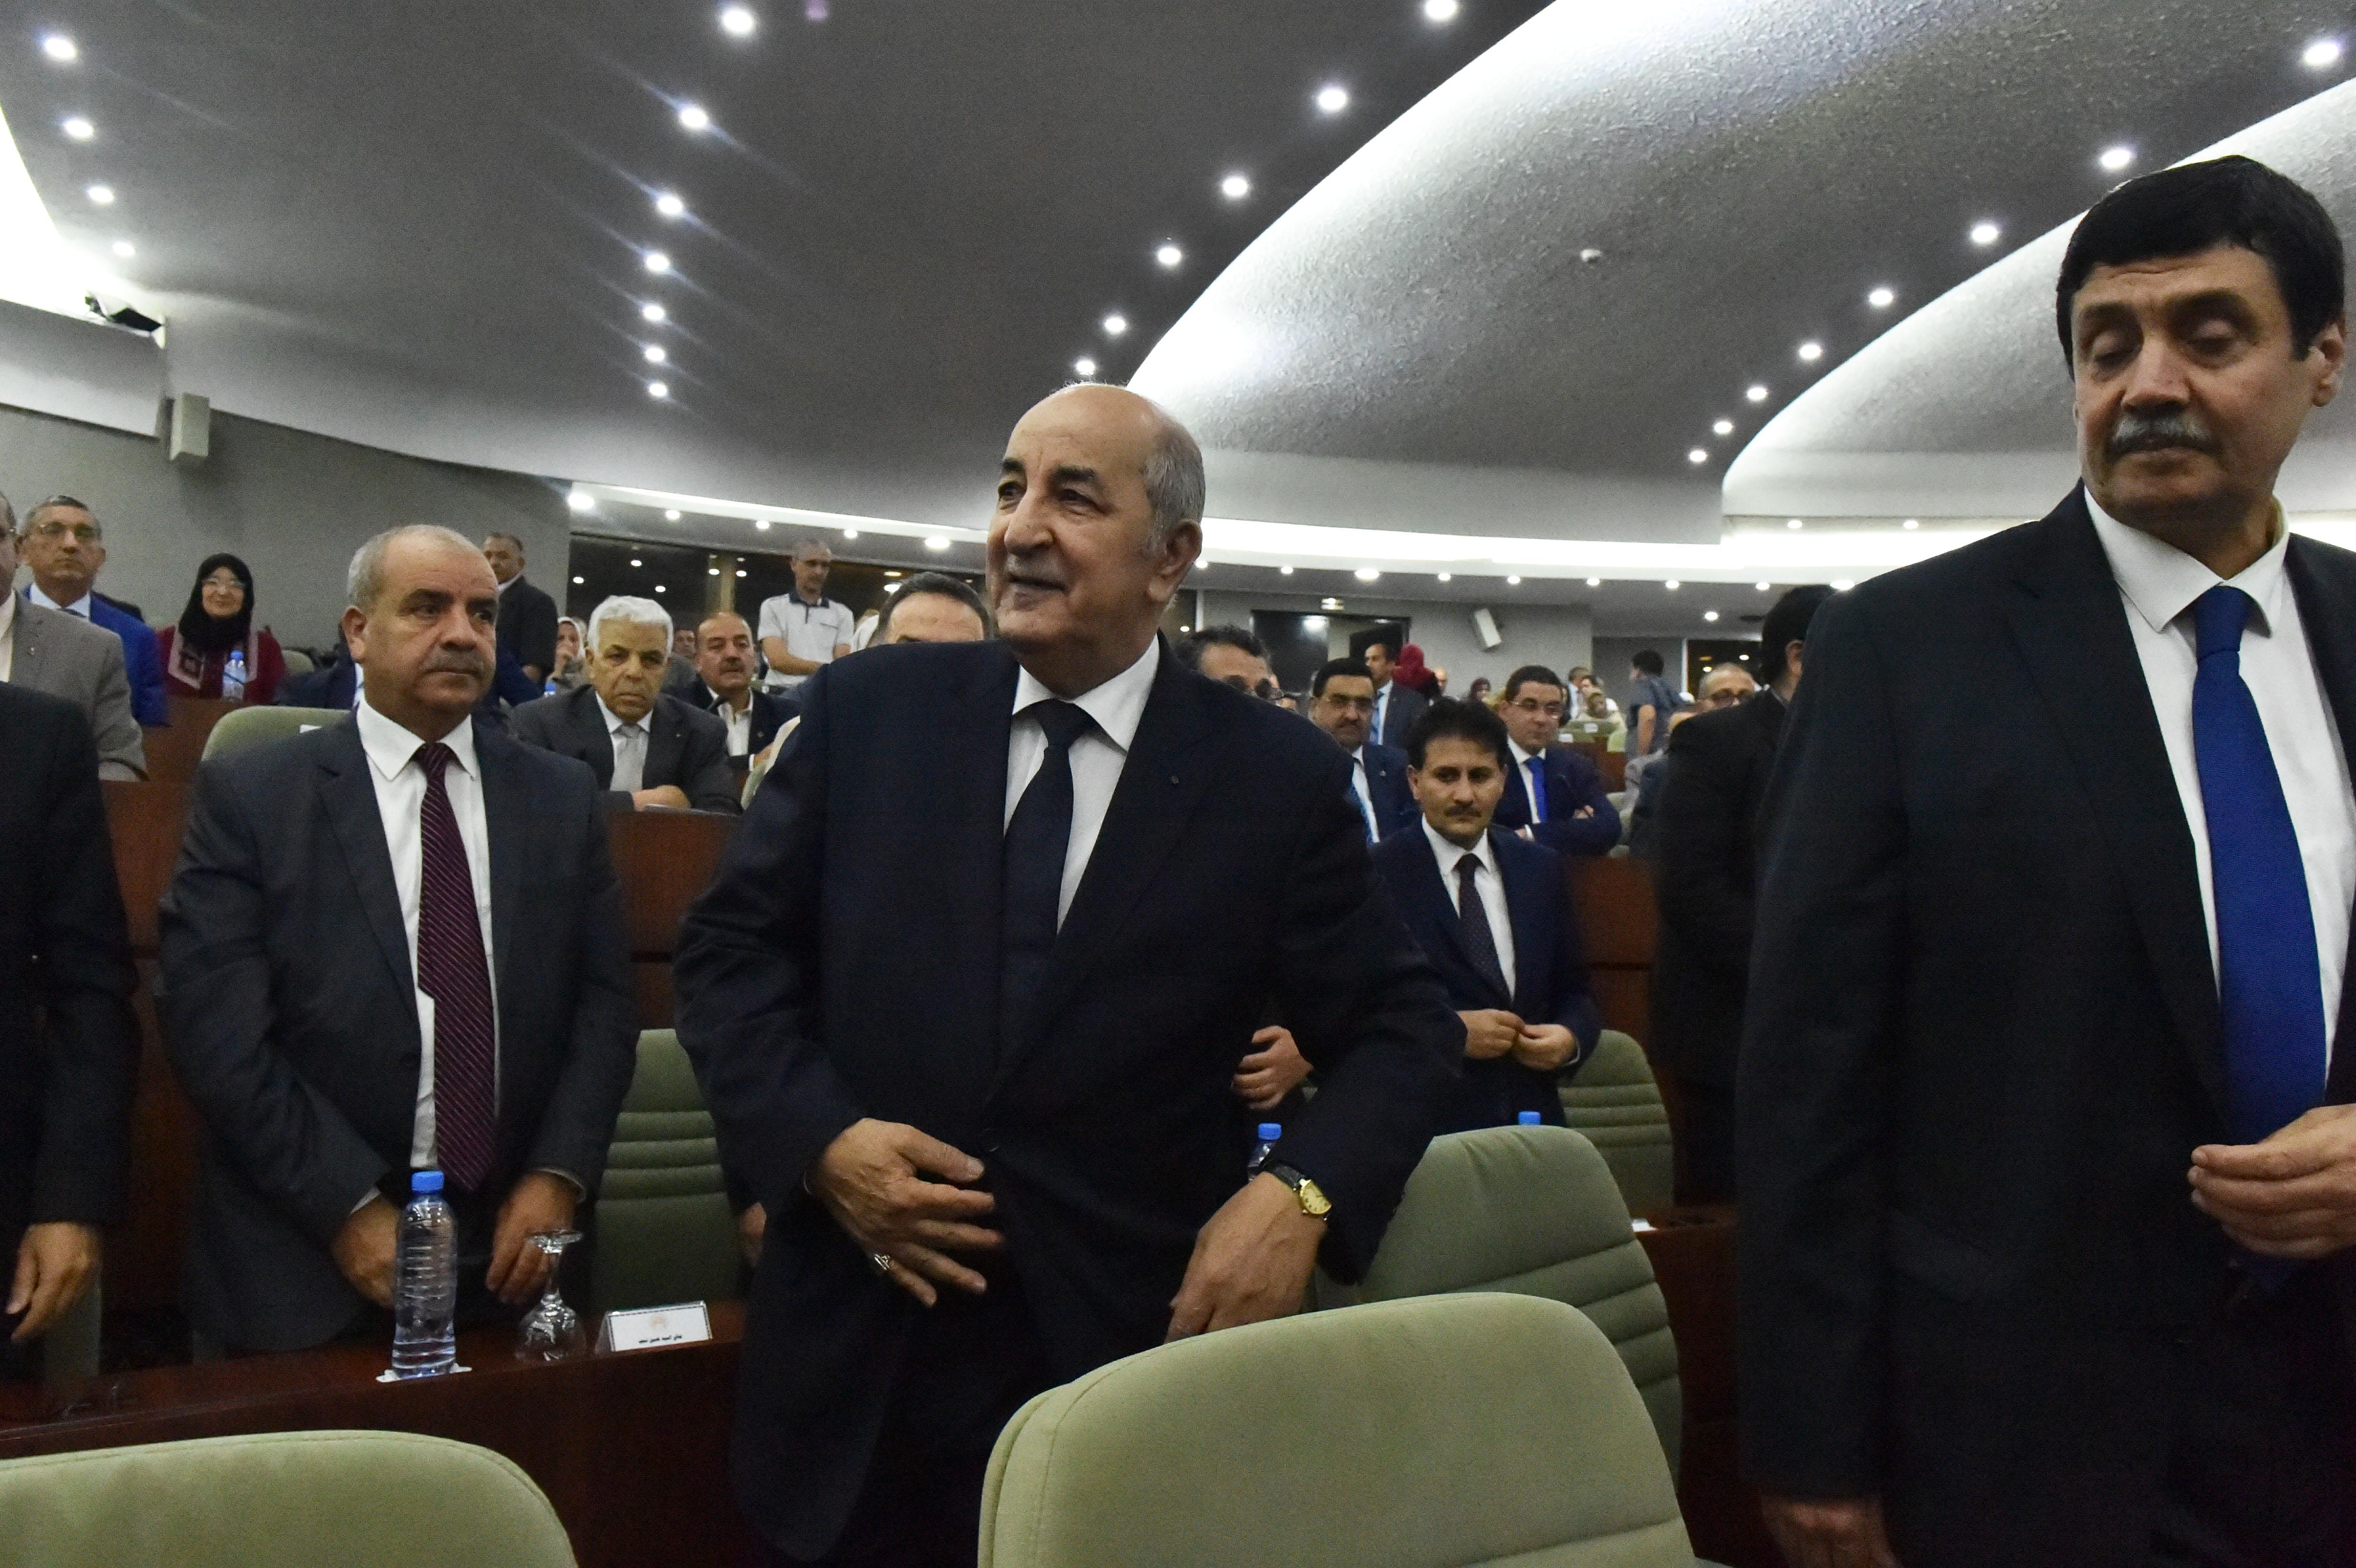 عبد المجيد تبون خلال جلسة بالبرلمان الجزائري